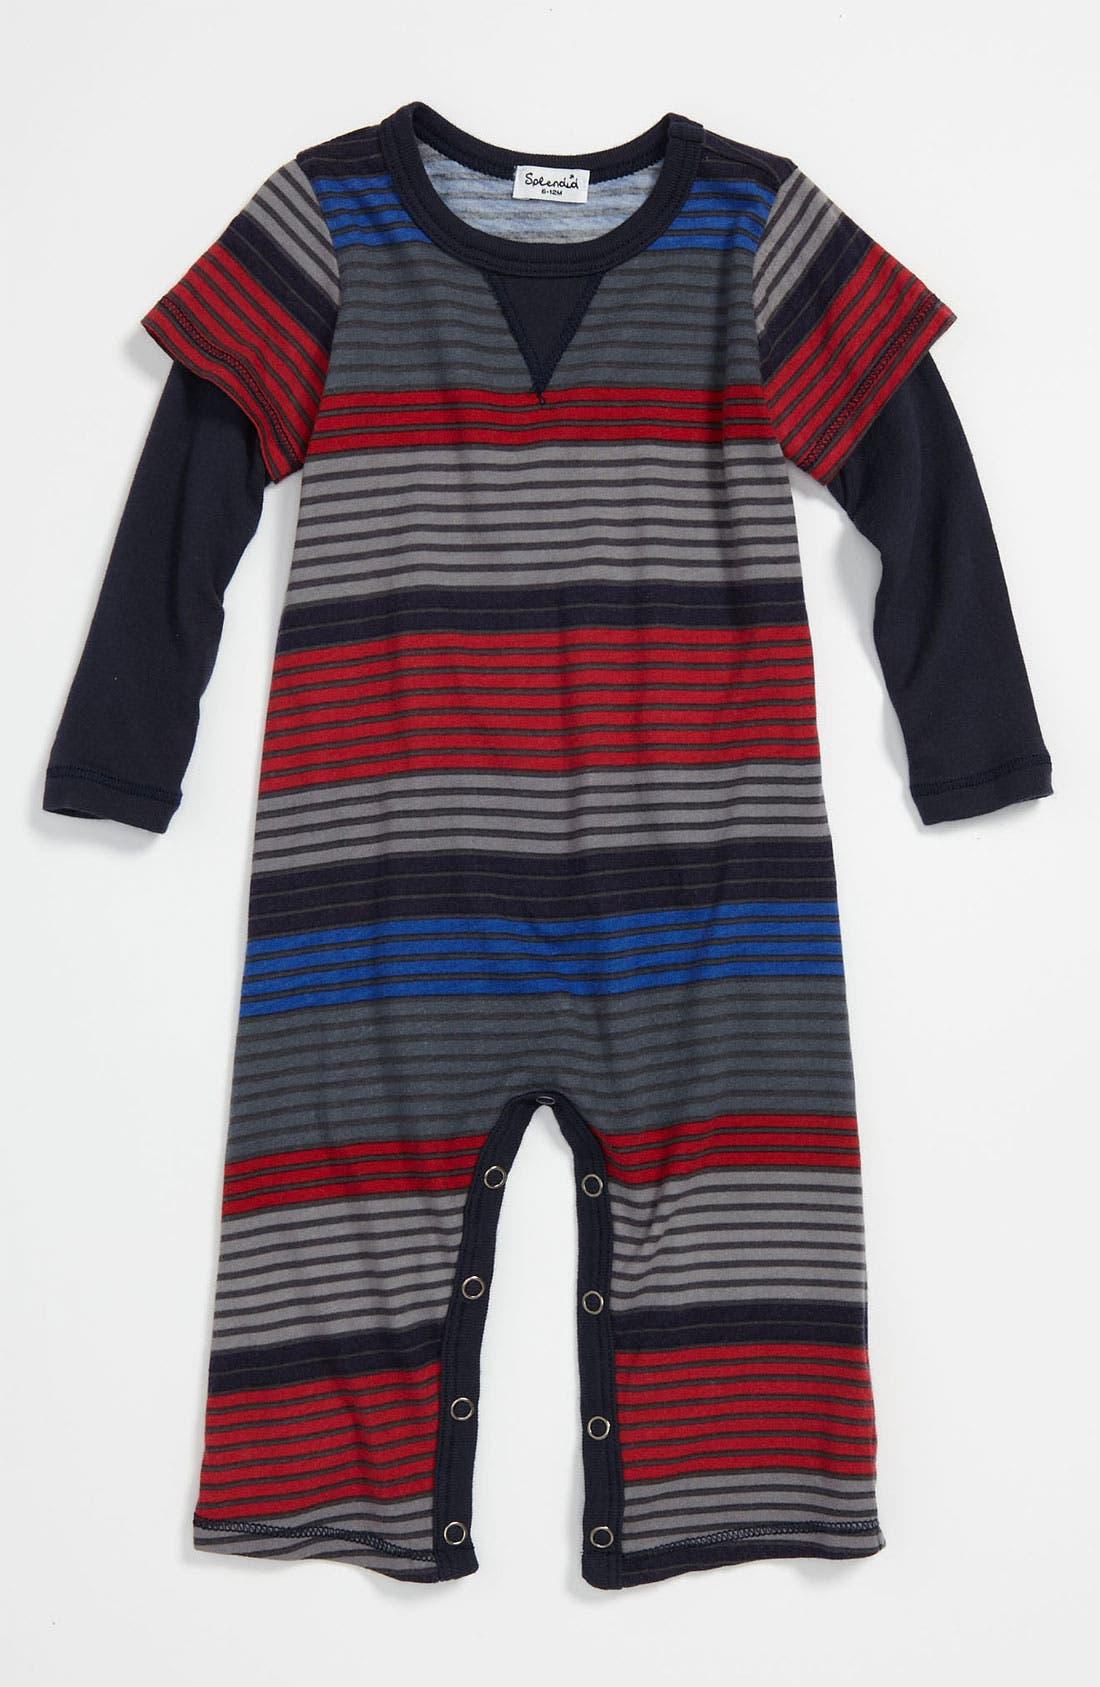 Main Image - Splendid 'Camden' Stripe Romper (Infant)